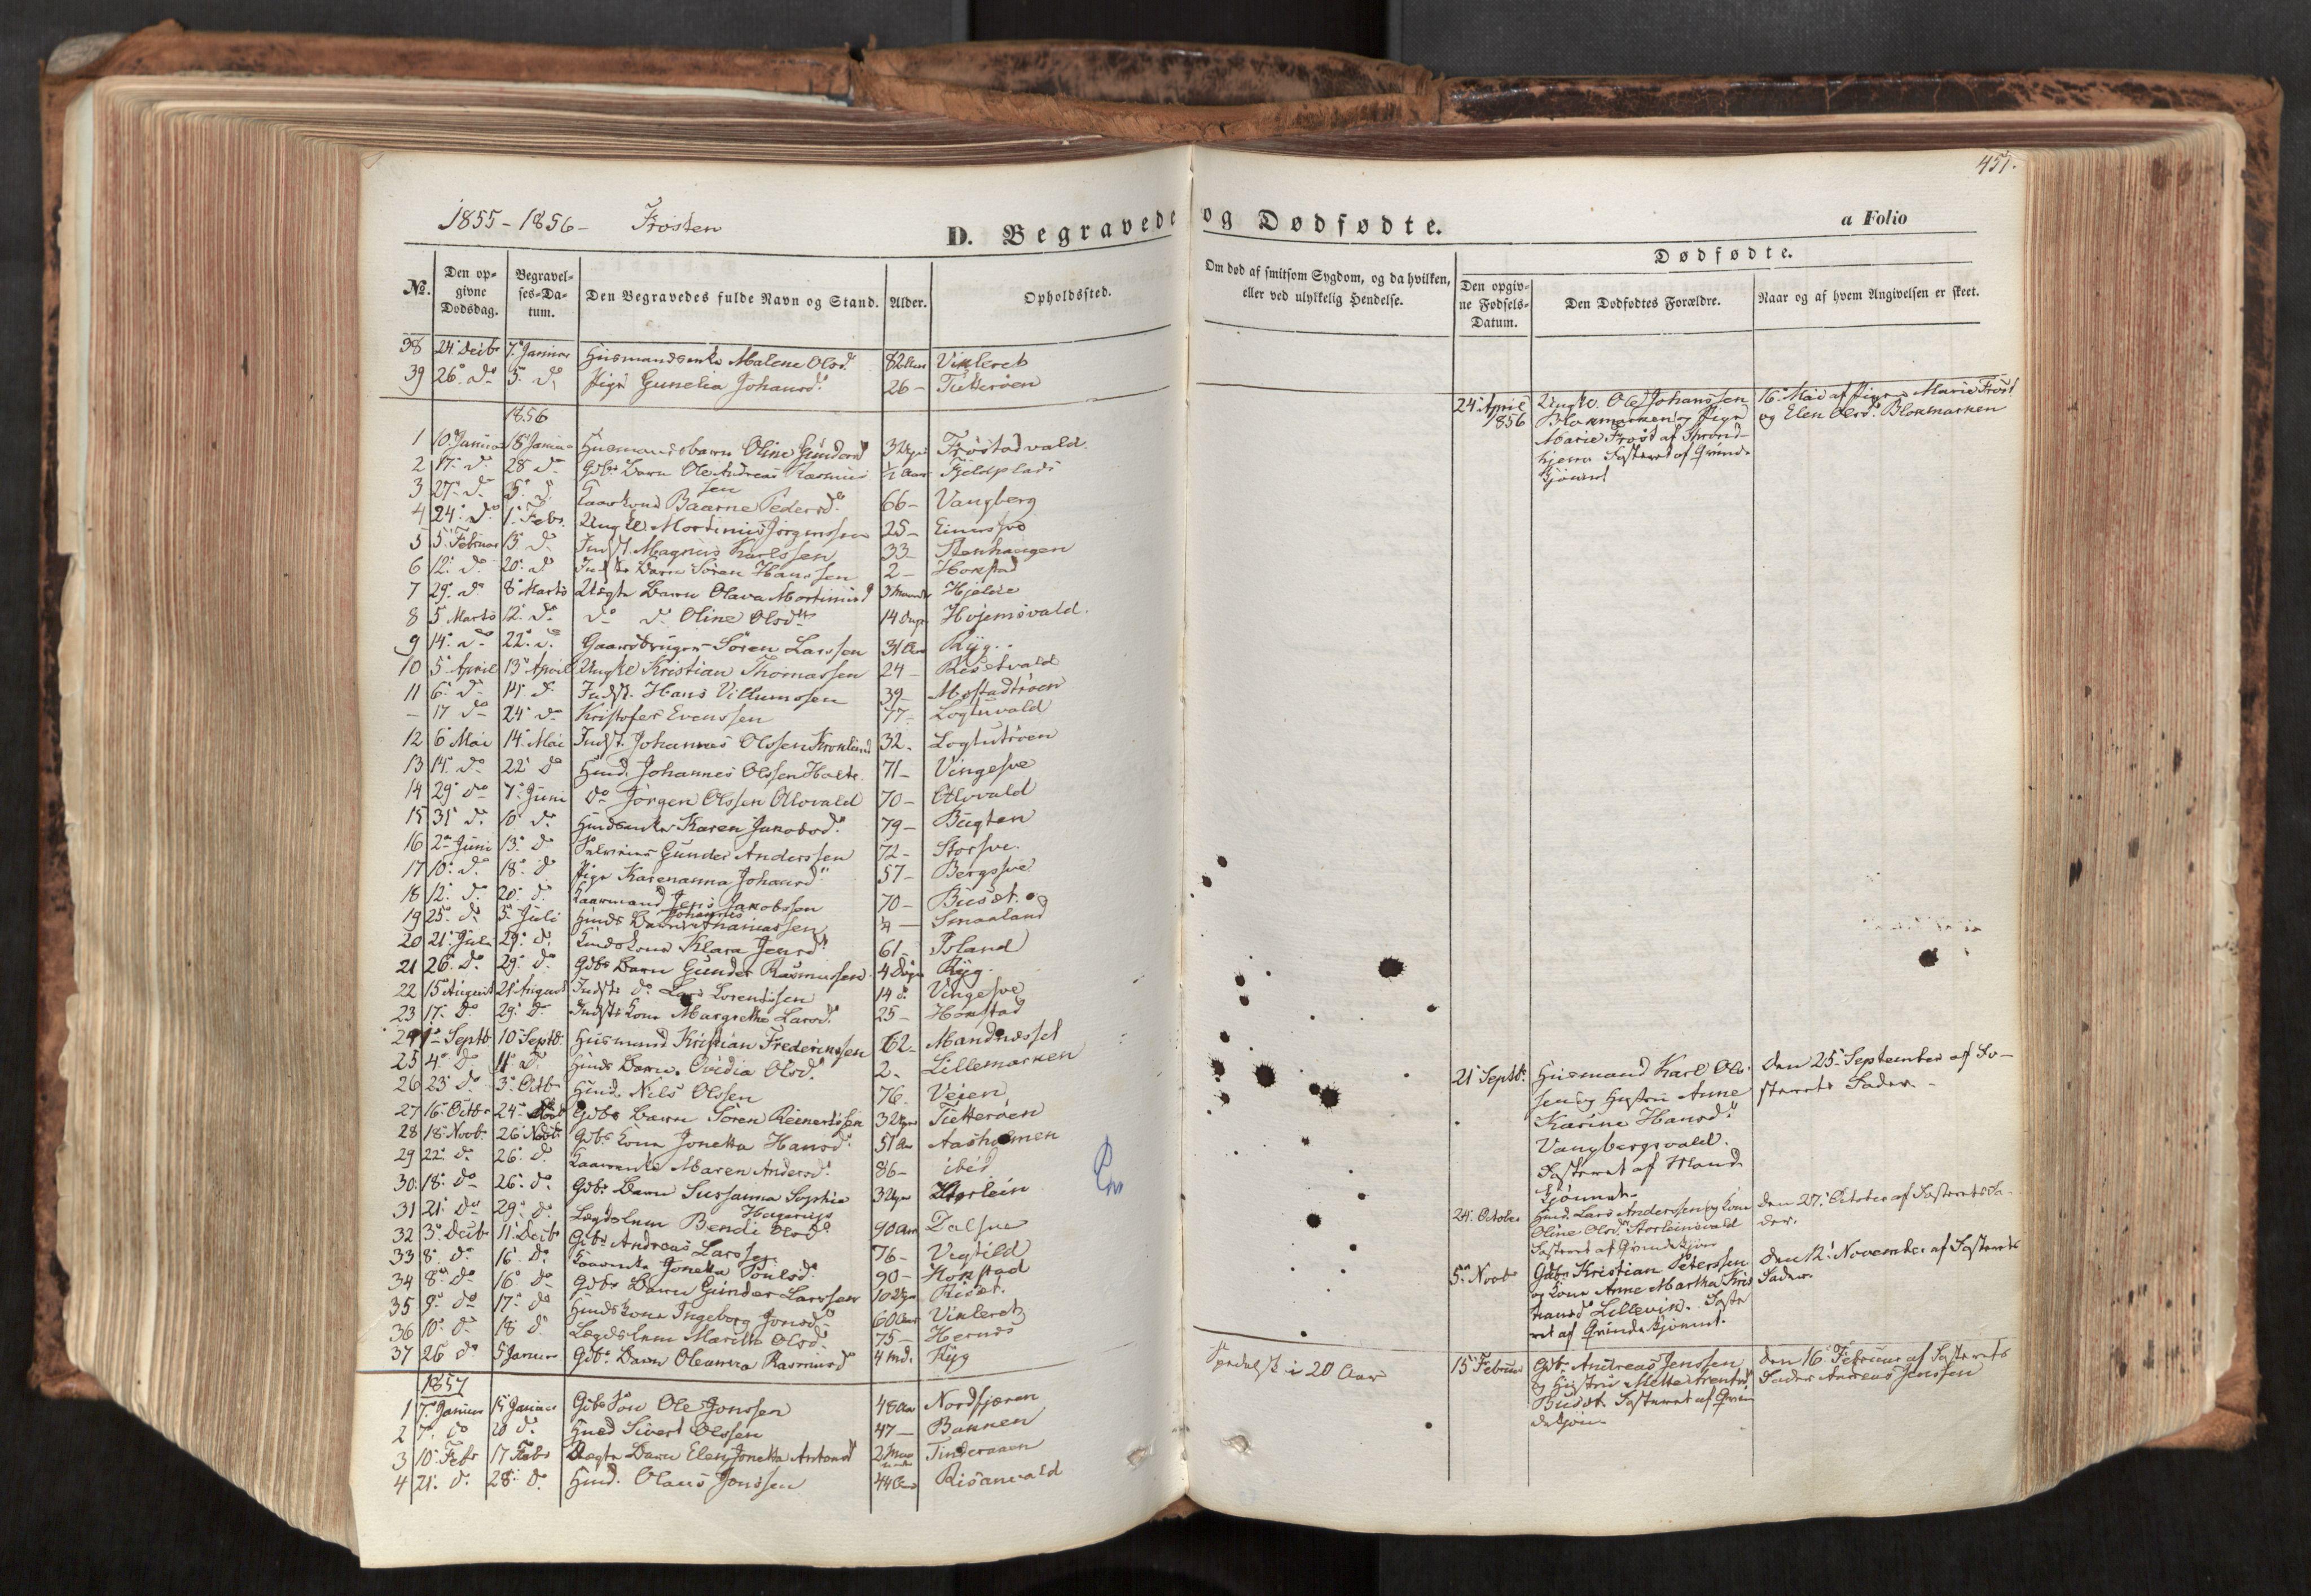 SAT, Ministerialprotokoller, klokkerbøker og fødselsregistre - Nord-Trøndelag, 713/L0116: Ministerialbok nr. 713A07, 1850-1877, s. 451